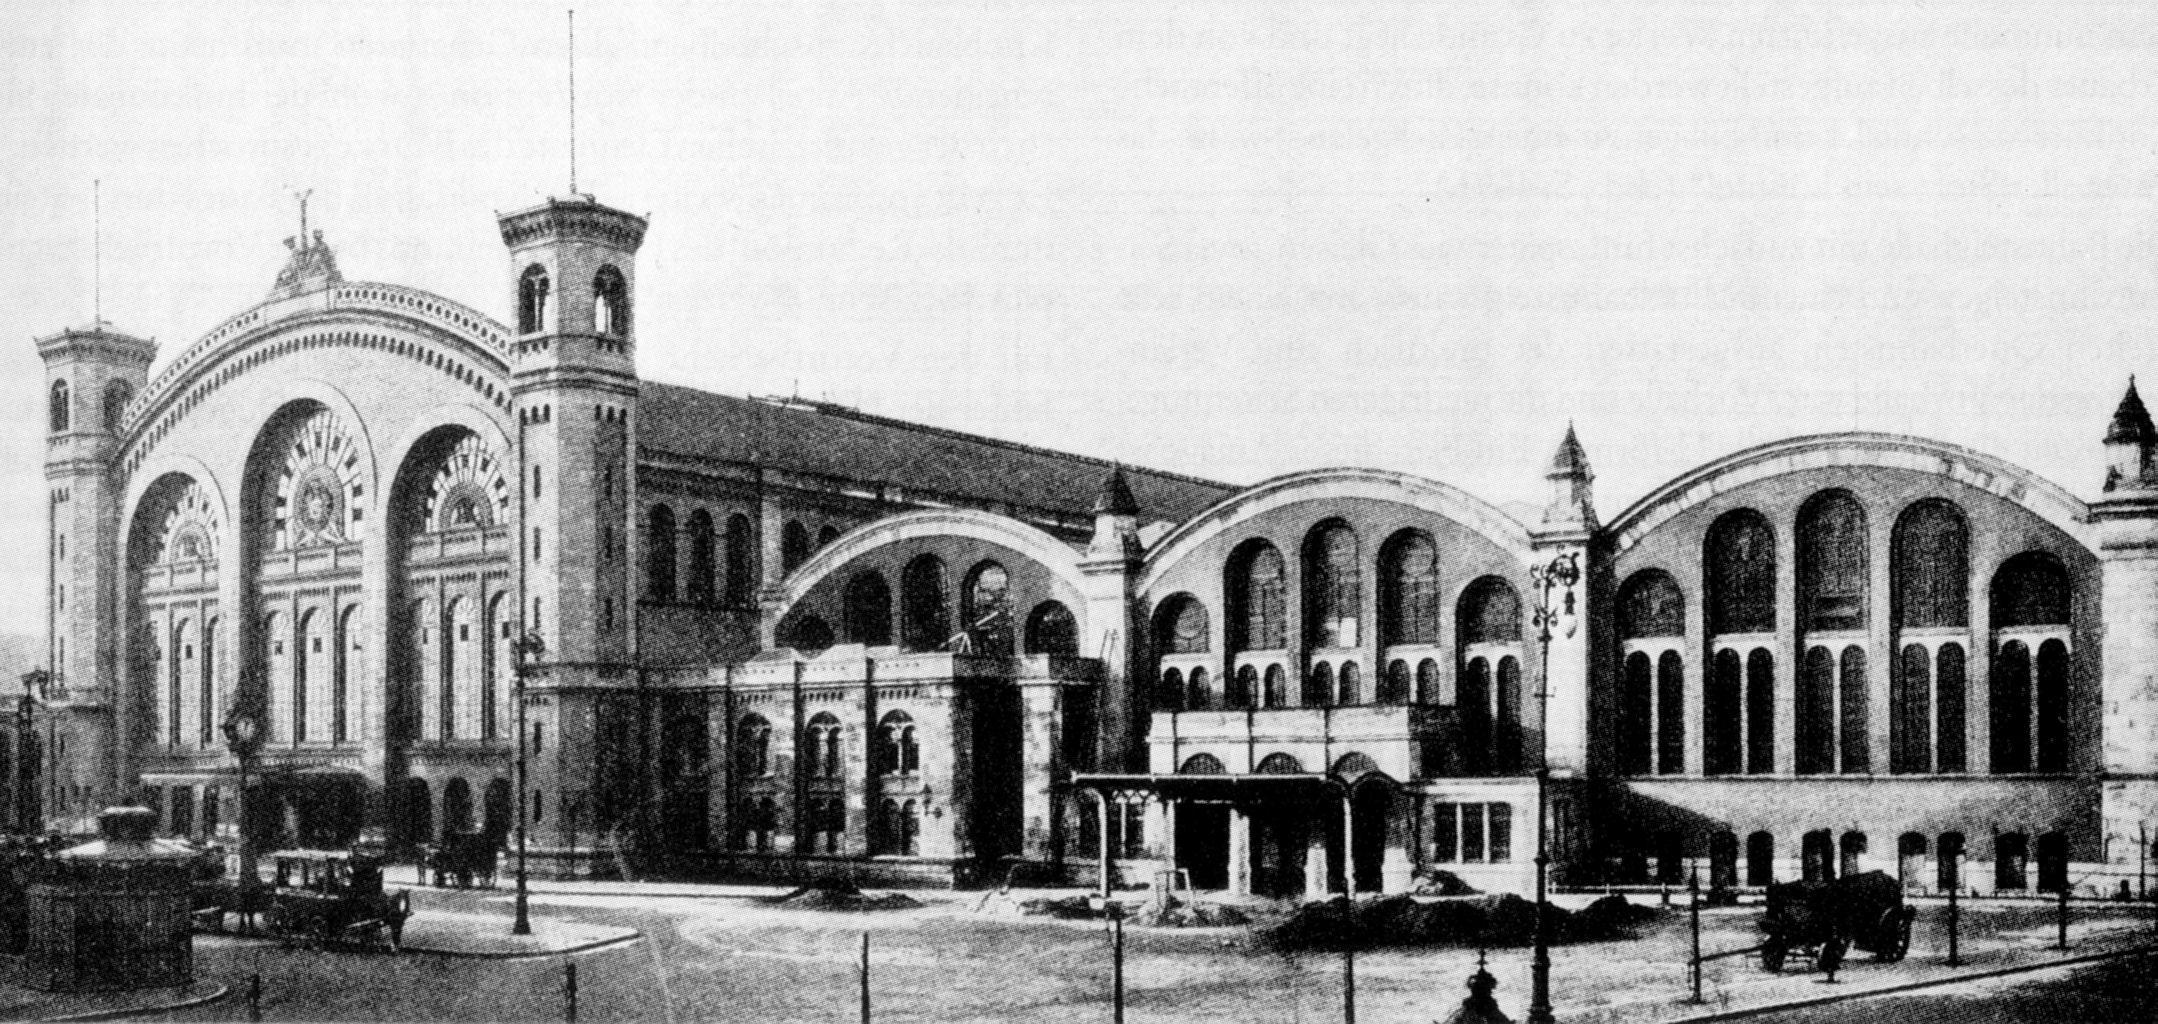 Stettiner Bahnhof nach der Erweiterung um 3 Hallen 1904 ...